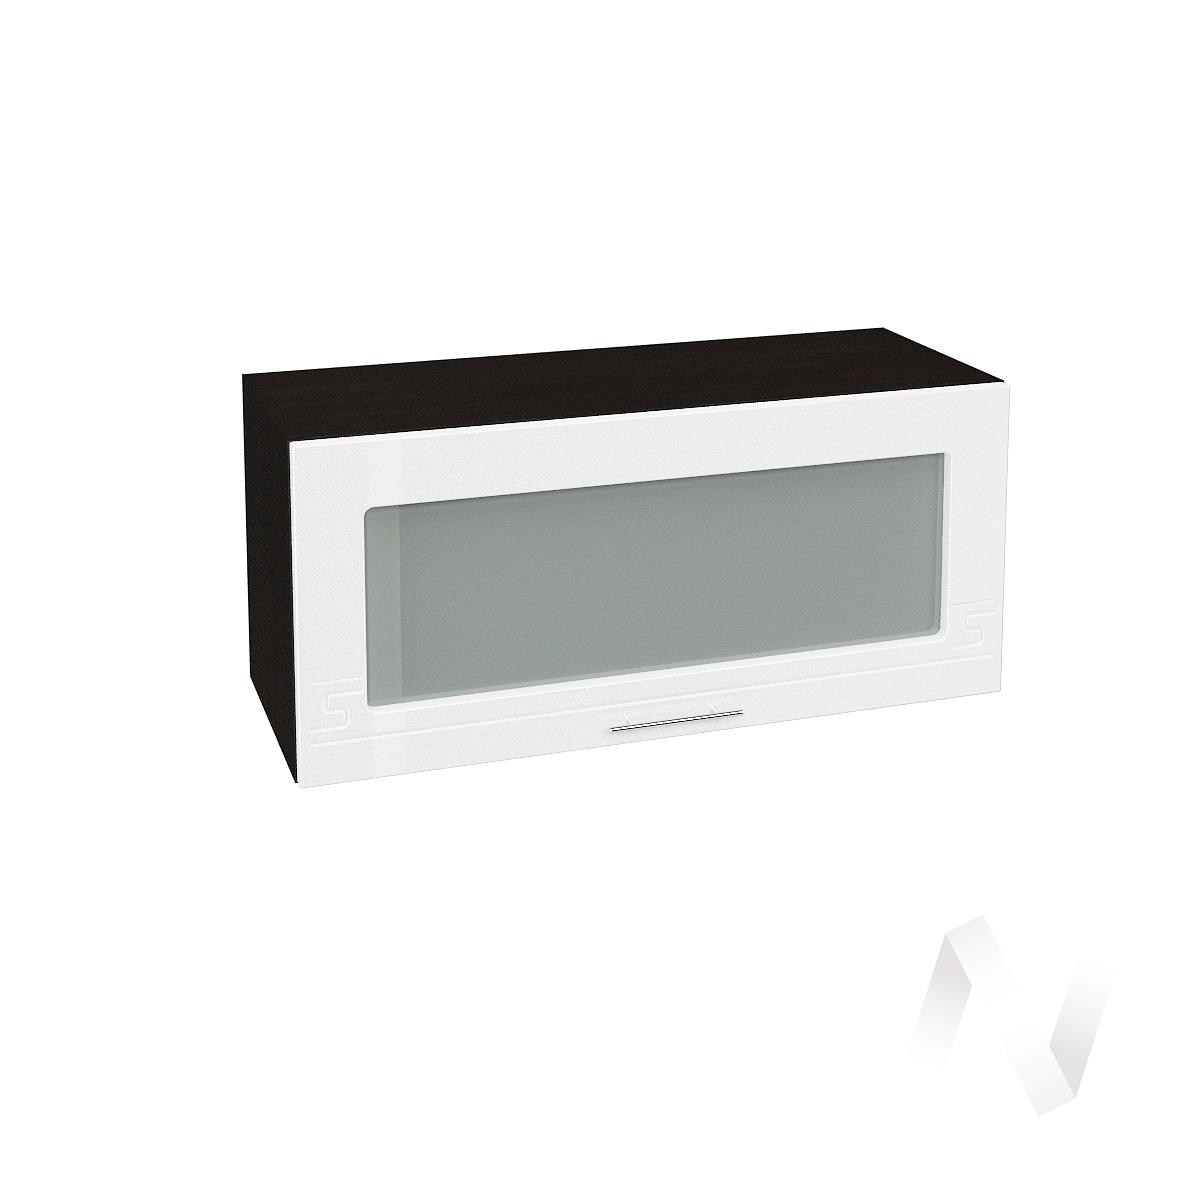 """Кухня """"Греция"""": Шкаф верхний горизонтальный со стеклом 800, ШВГС 800 (белый металлик/корпус венге)"""